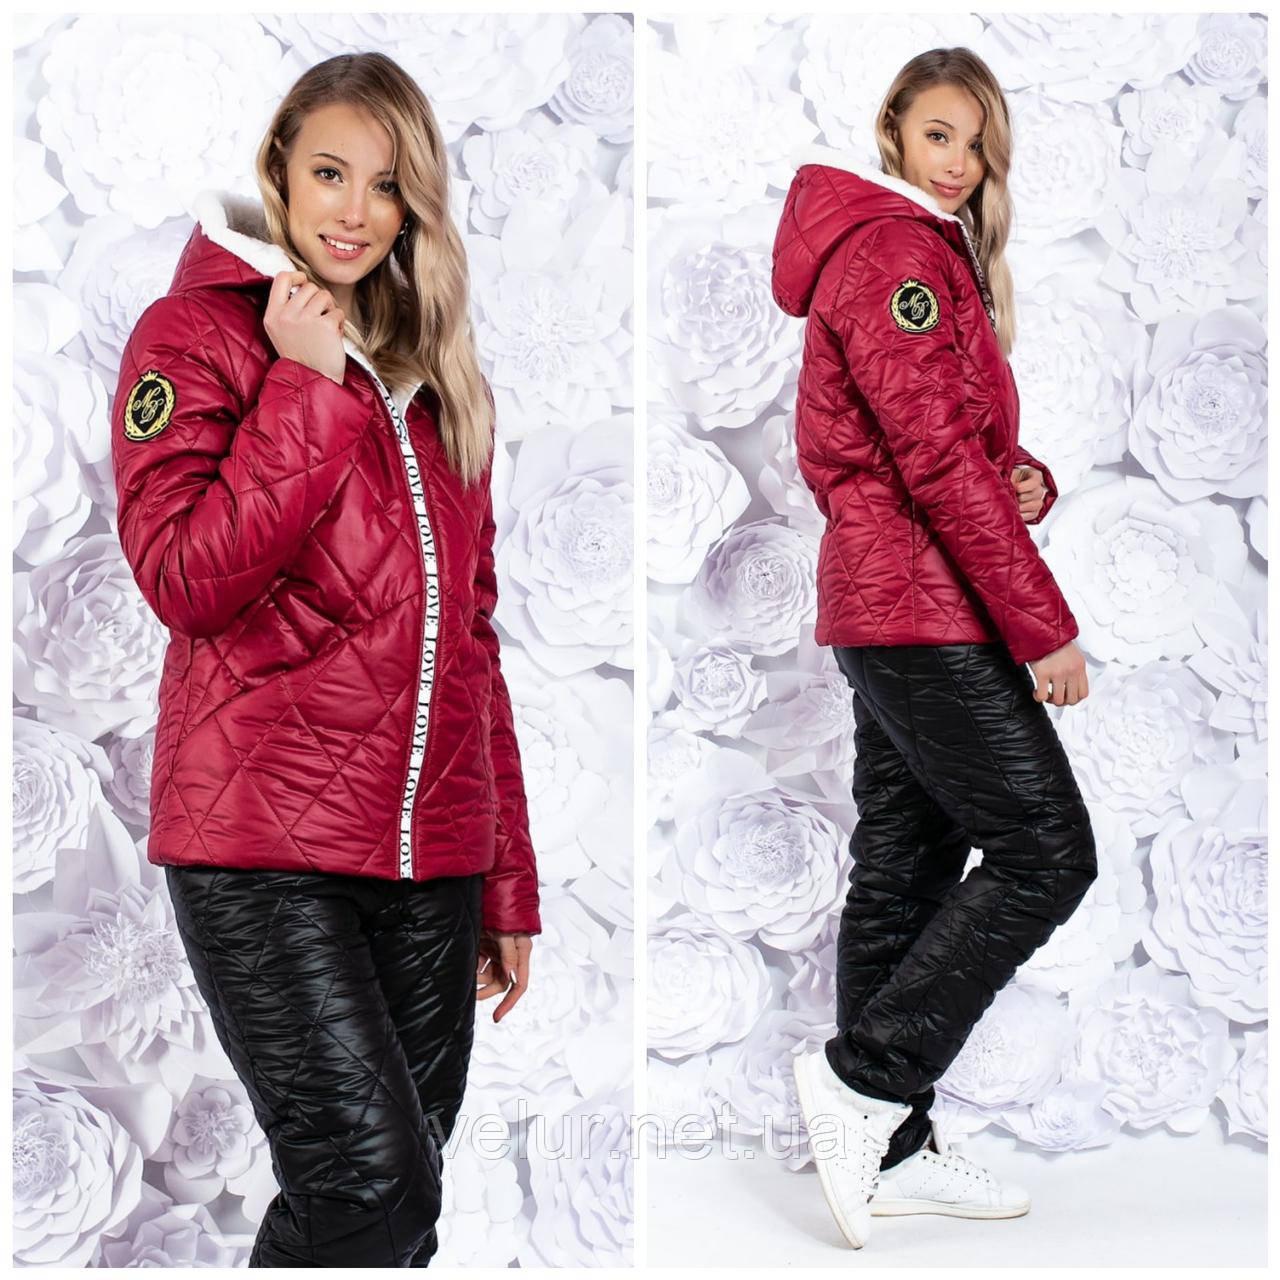 Зимовий жіночий лижний костюм про-во Україна, 3 кольору , розмір 42-44,46-48